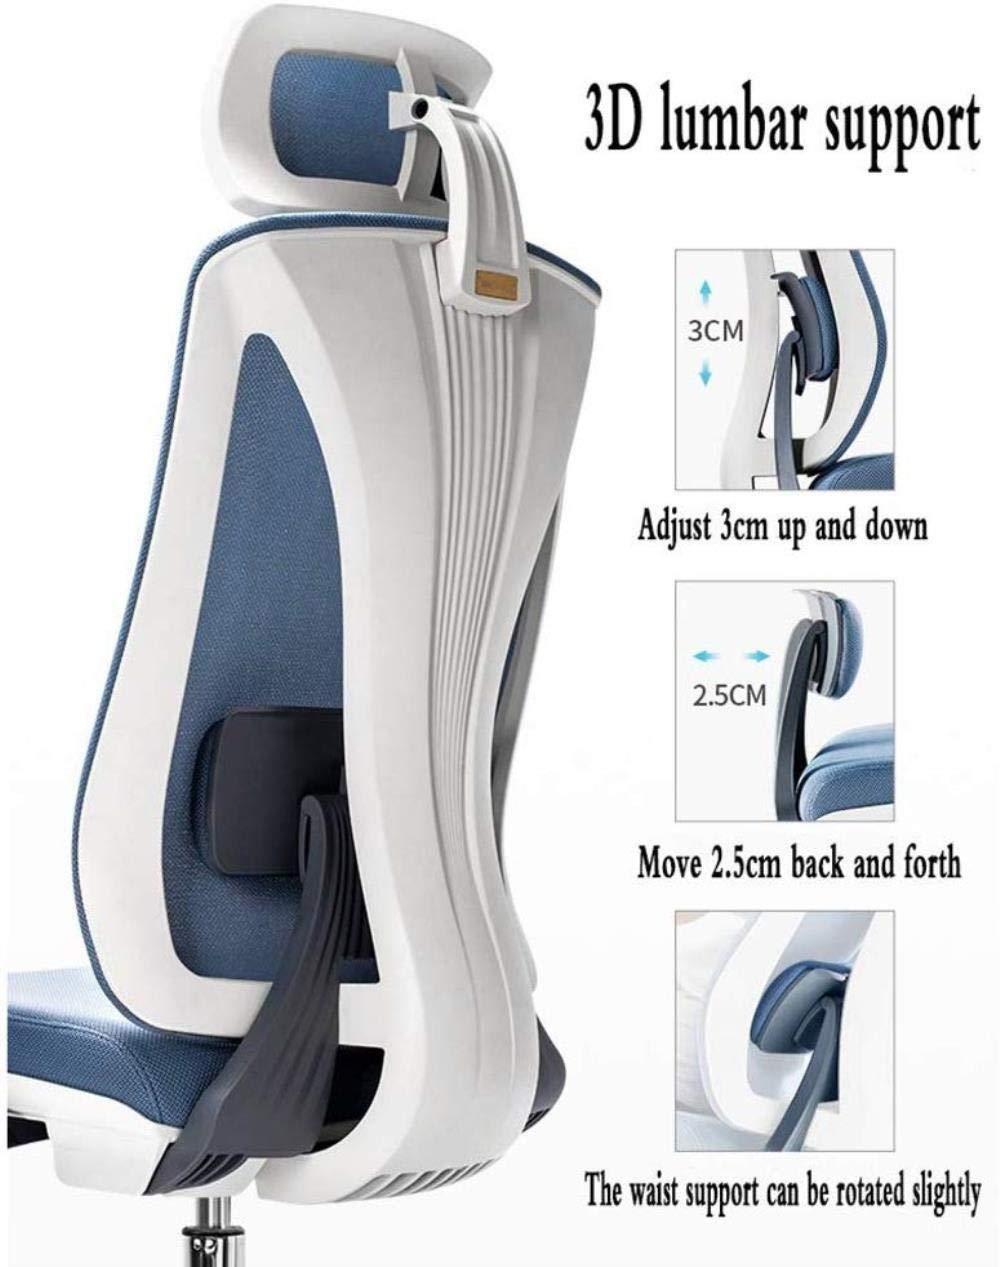 Xiuyun svängbar kontorsstol spelstol datorstol 3D ländrygg stöd hög rygg nackstöd stol lyft 130 ° avslappningsbar design E-sport sittlager vikt 200 kg (färg: blå) Svart